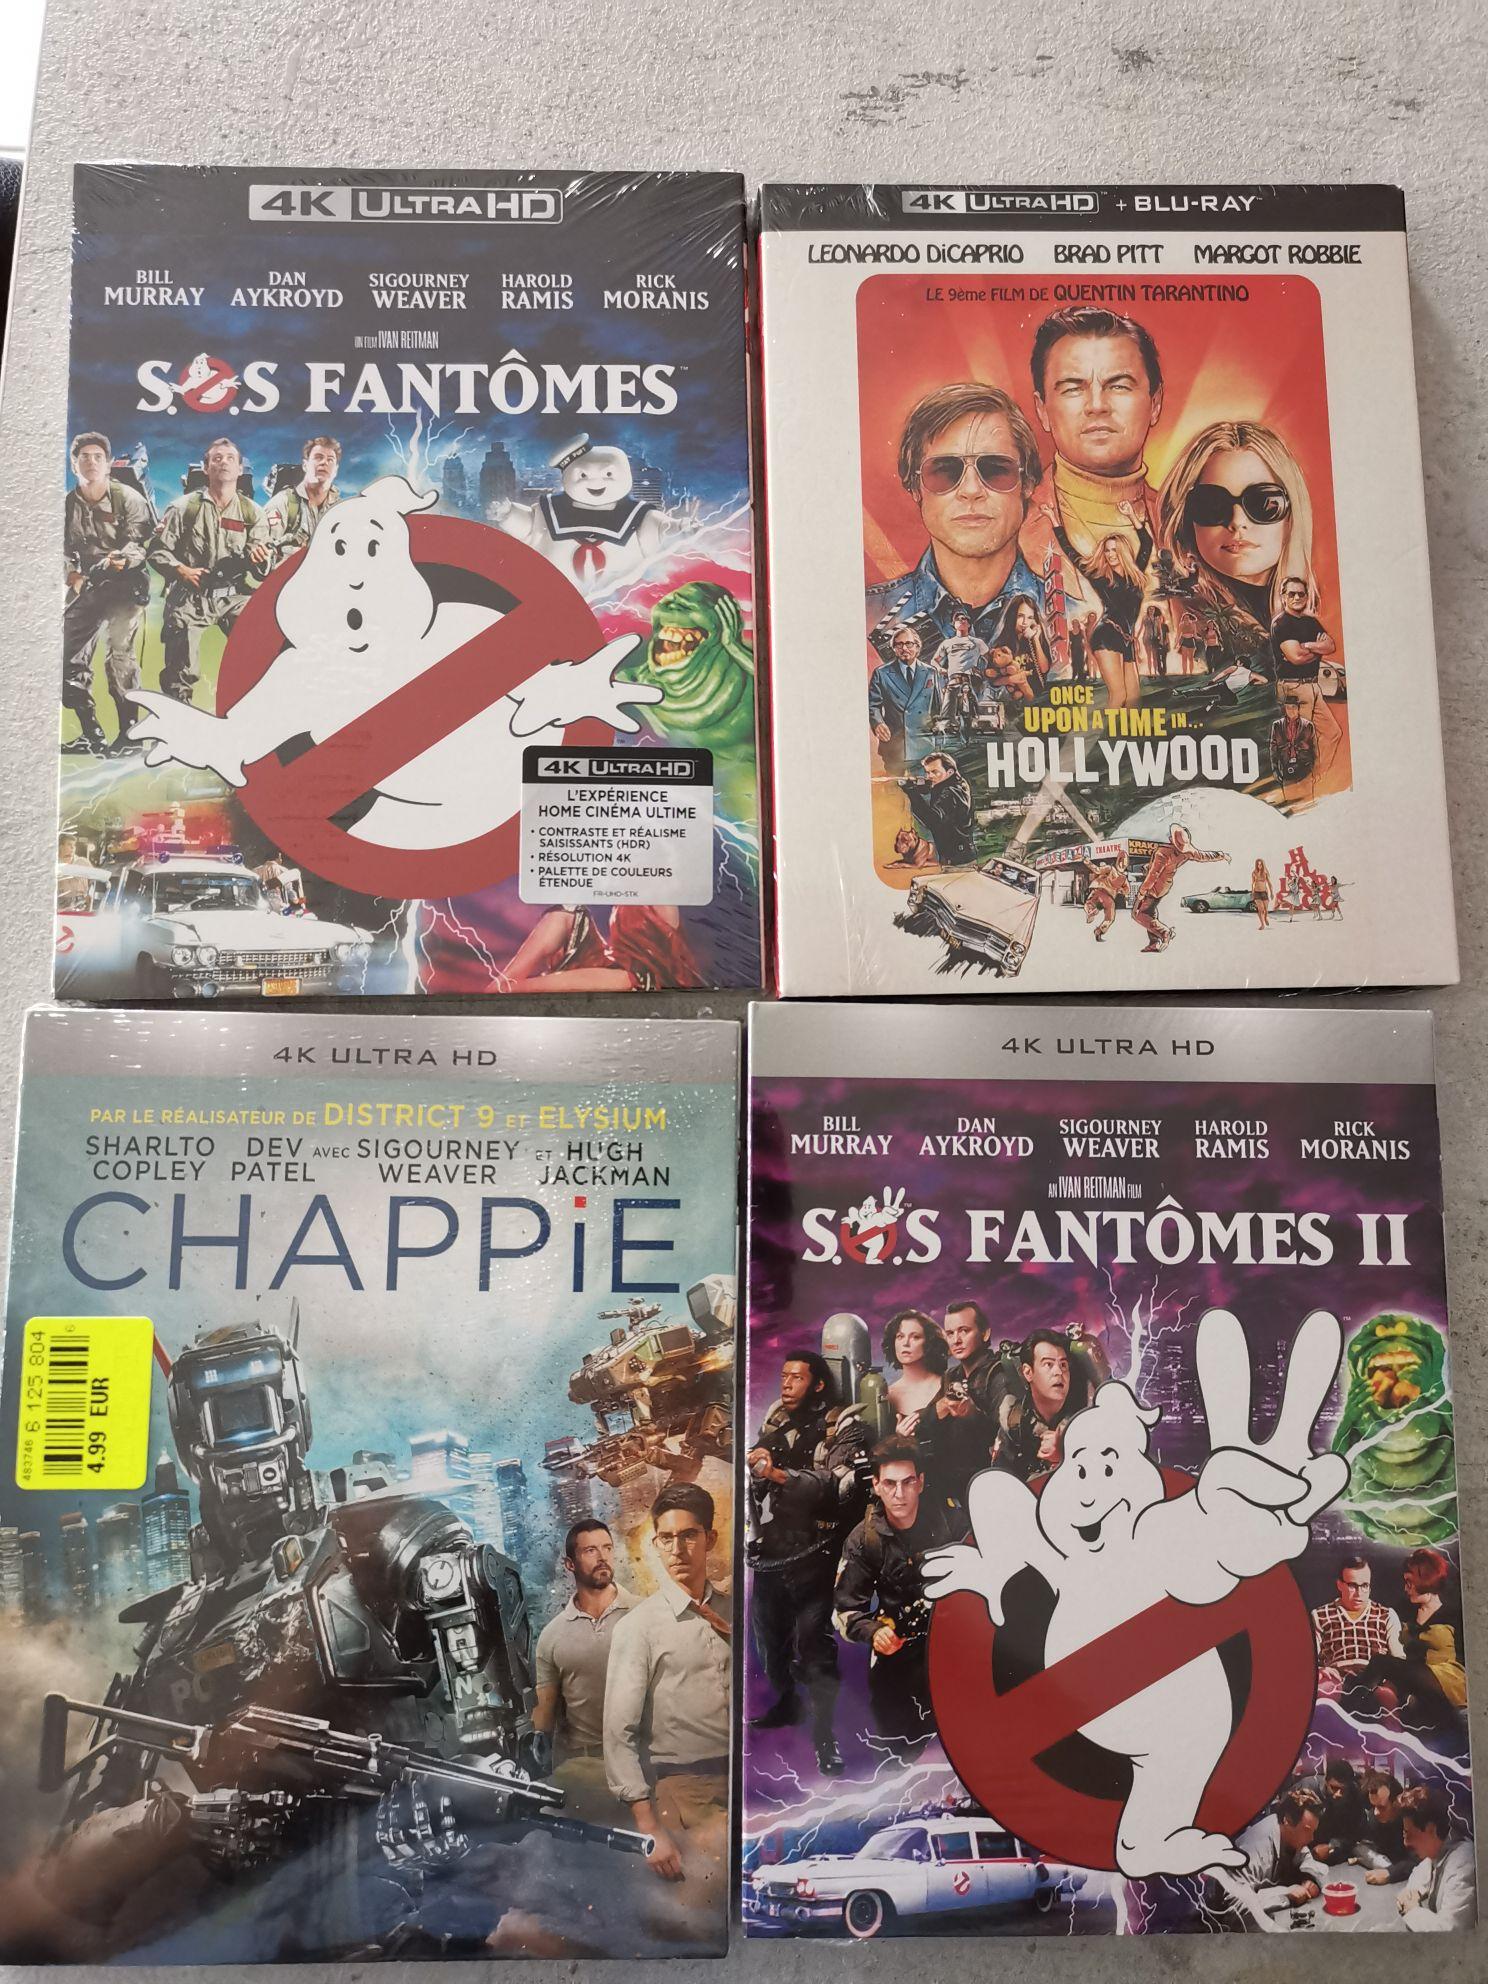 Sélection de Blu-ray 4K UHD à partir de 4.99€ - Ex : SOS Fantômes 1 ou 2 - Avranches (50)